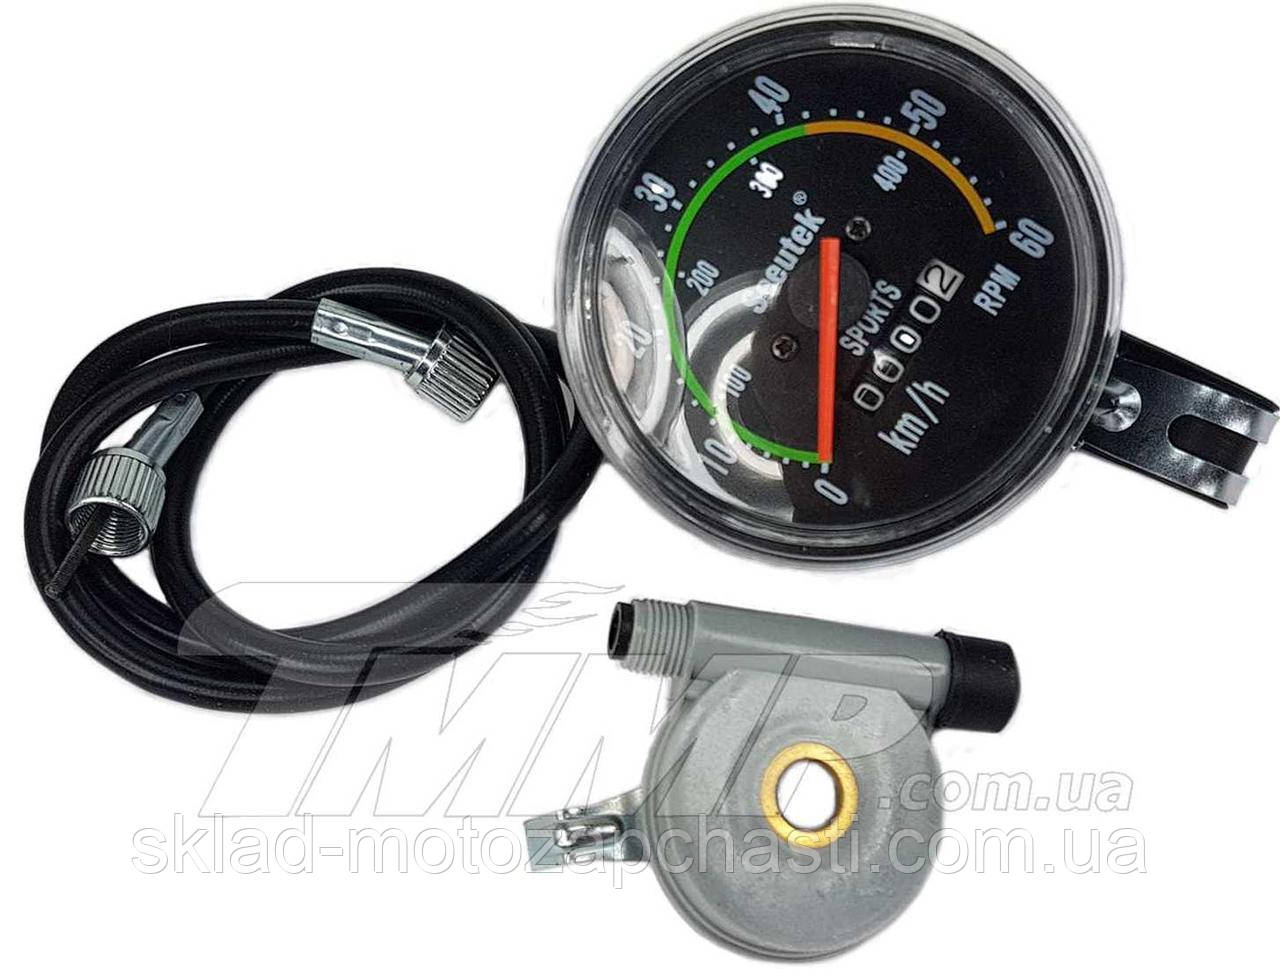 Спидометр веломотор (механический) для велосипеда